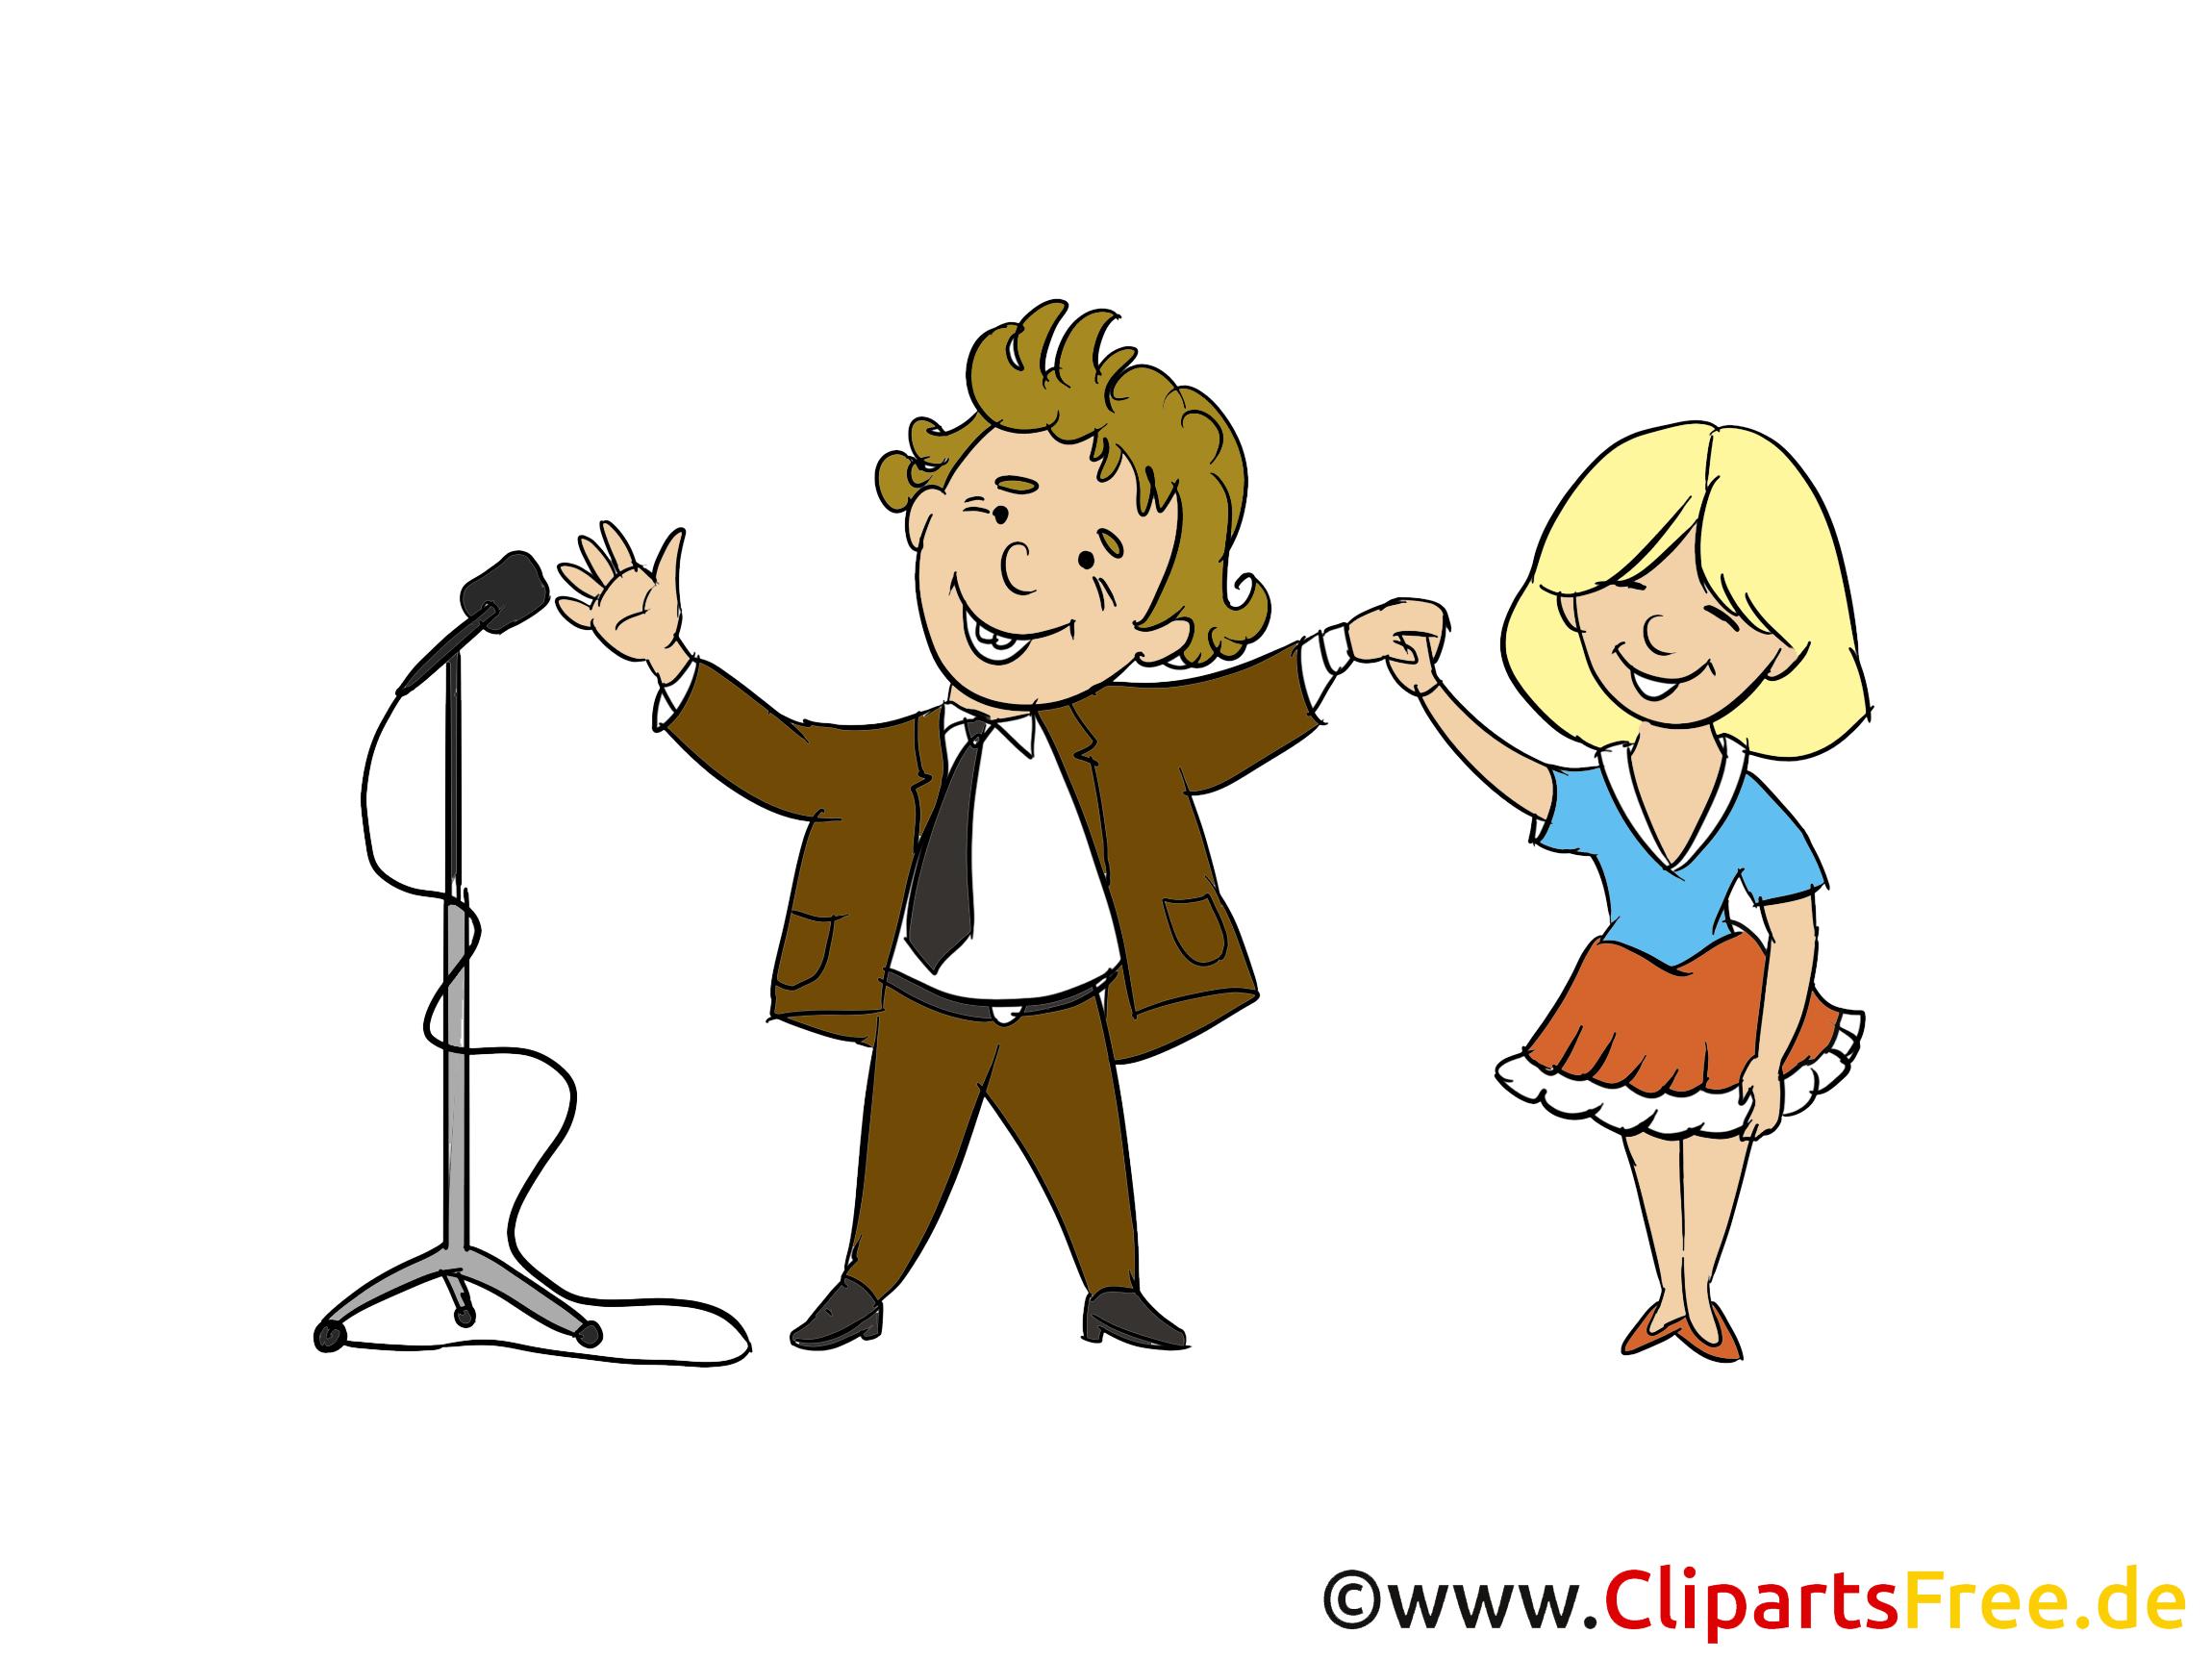 Konzert Bild, Clipart, Cartoon, Illustration